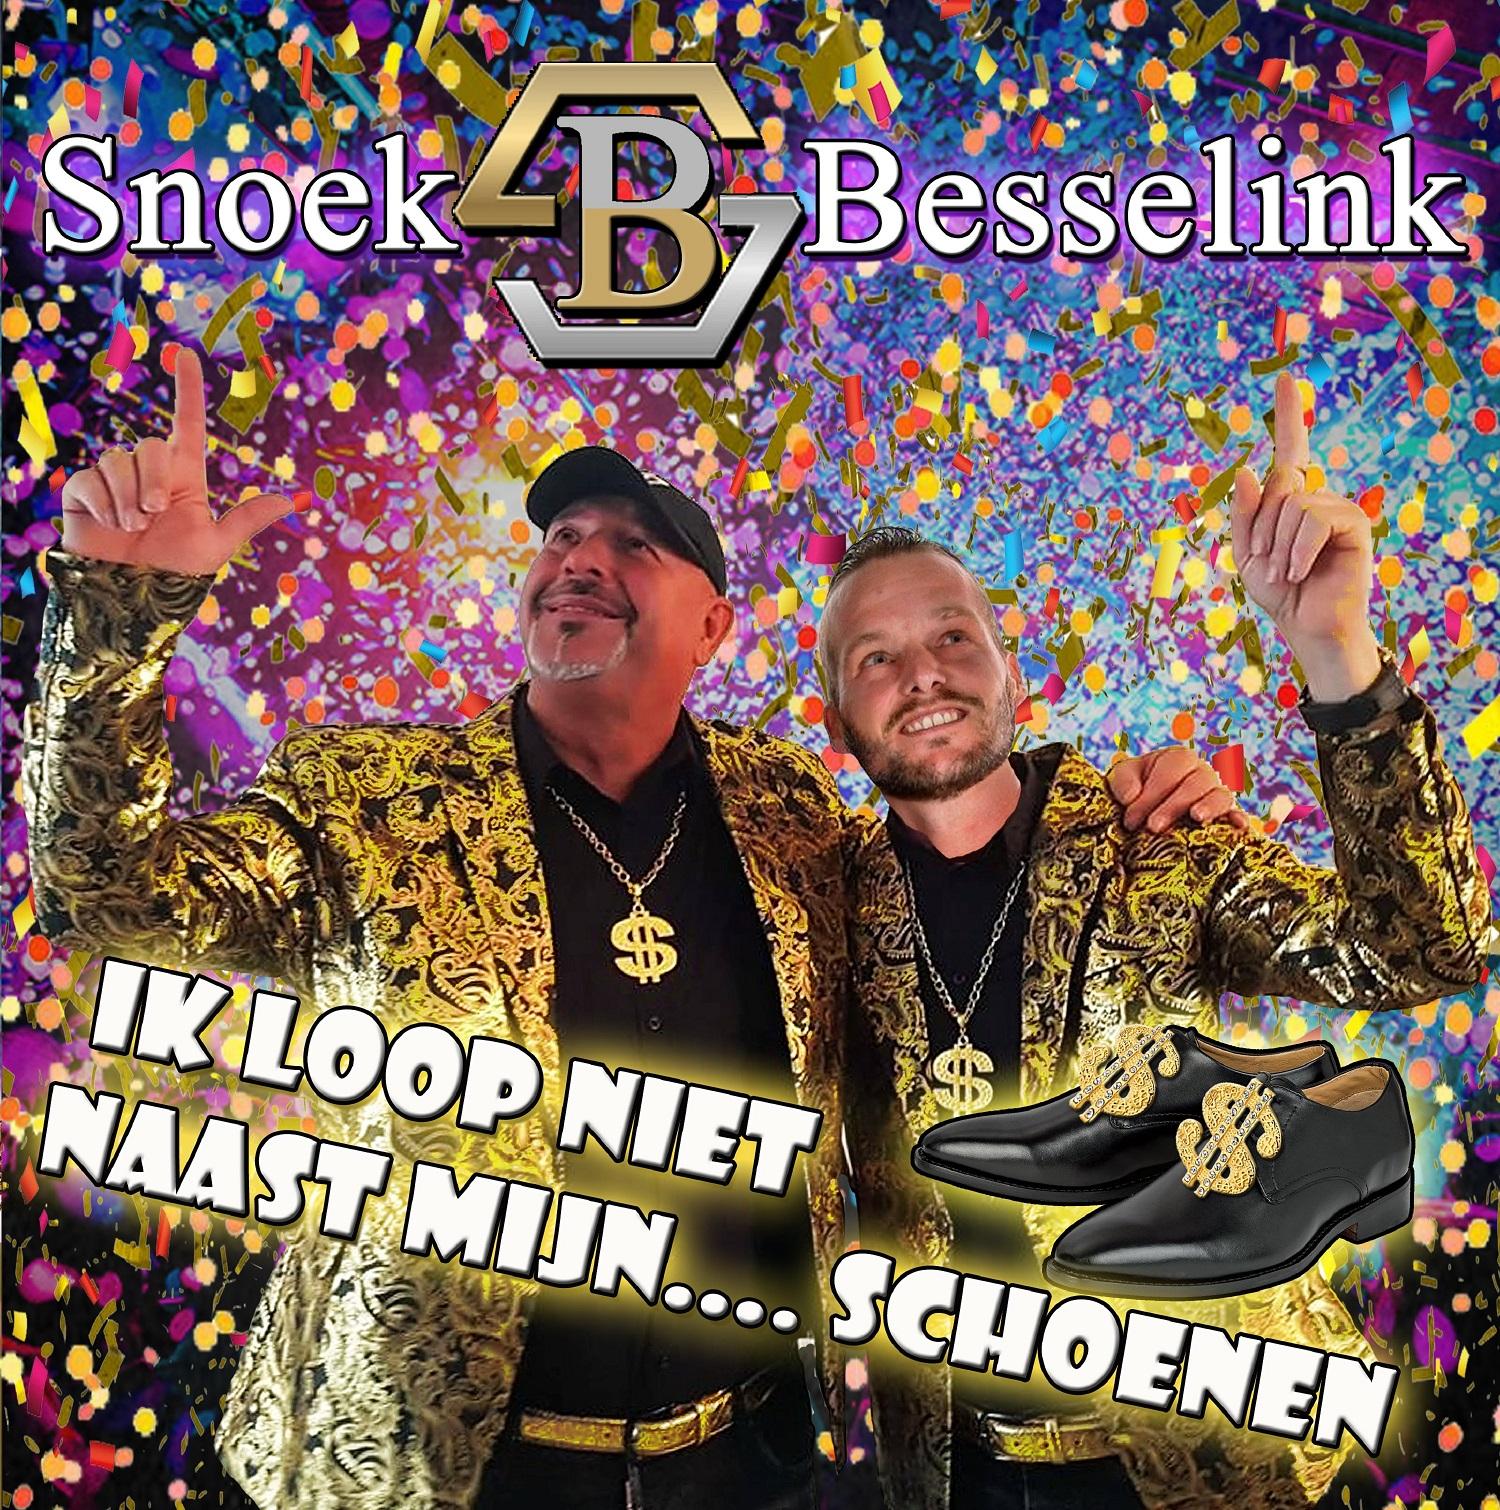 Snoek & Besselink - Ik Loop Niet Naast Mijn Schoenen